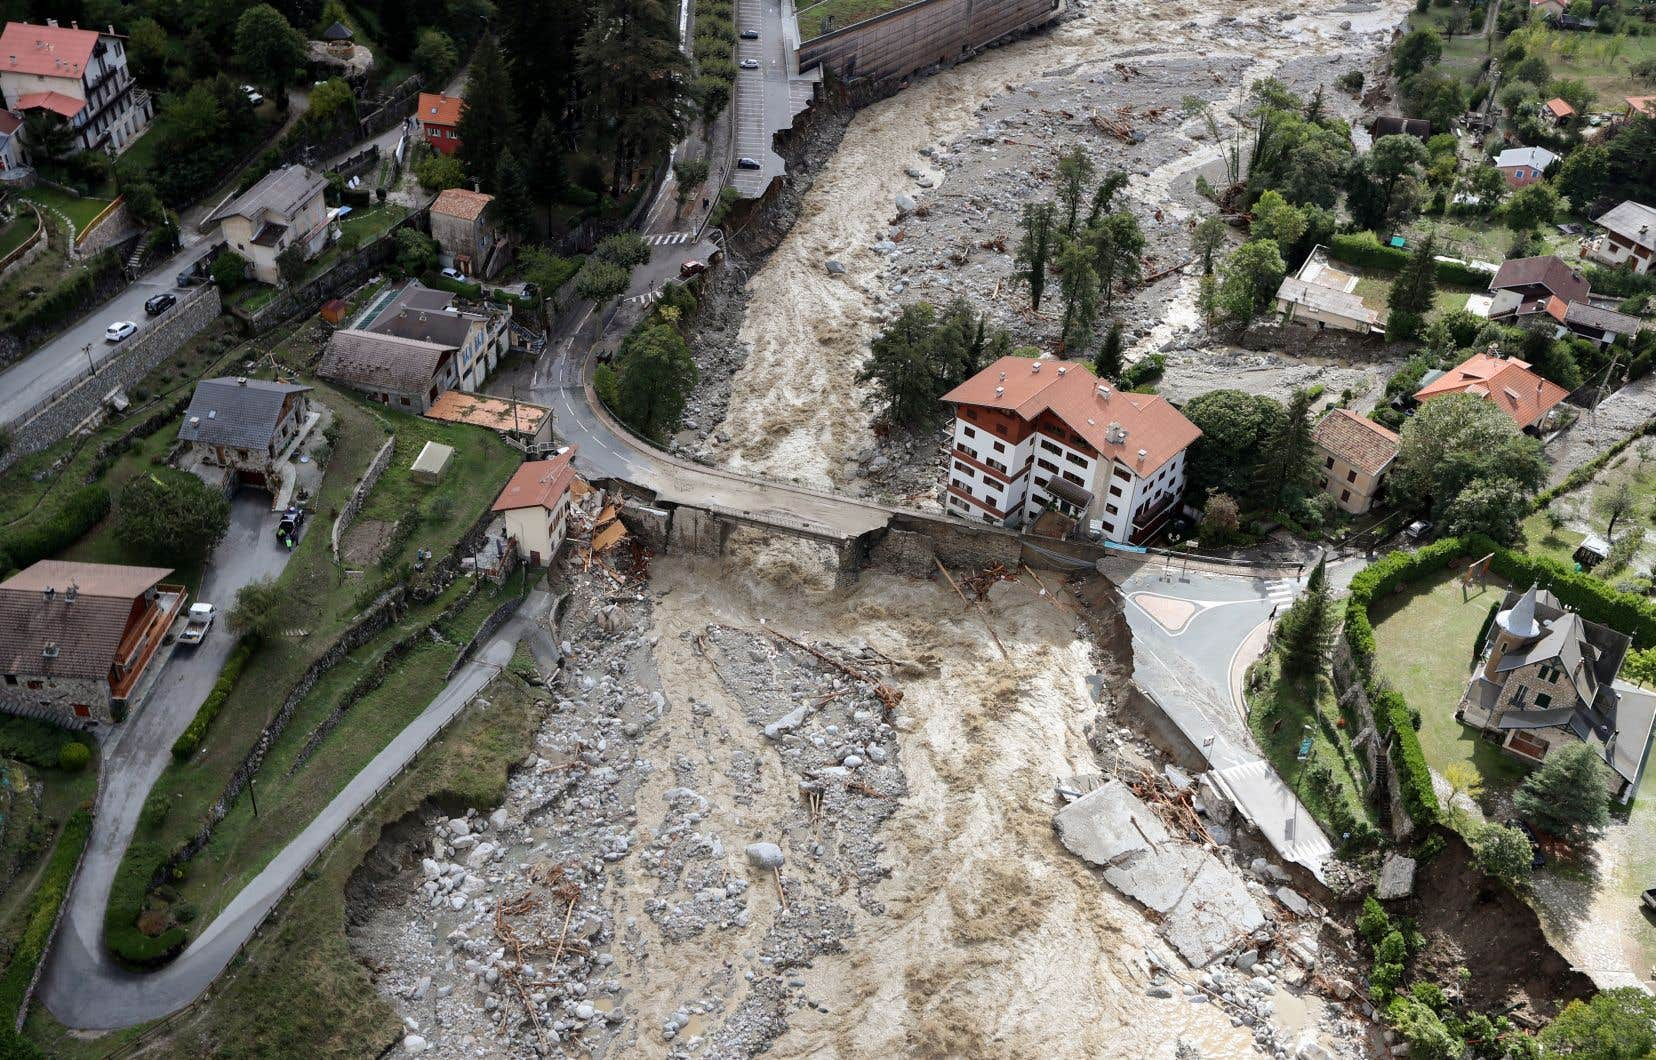 Vendredi,des maisons entières ont été réduites en miettes par les coulées de boue, l'asphalte des routes a été broyé, des ponts engloutis.